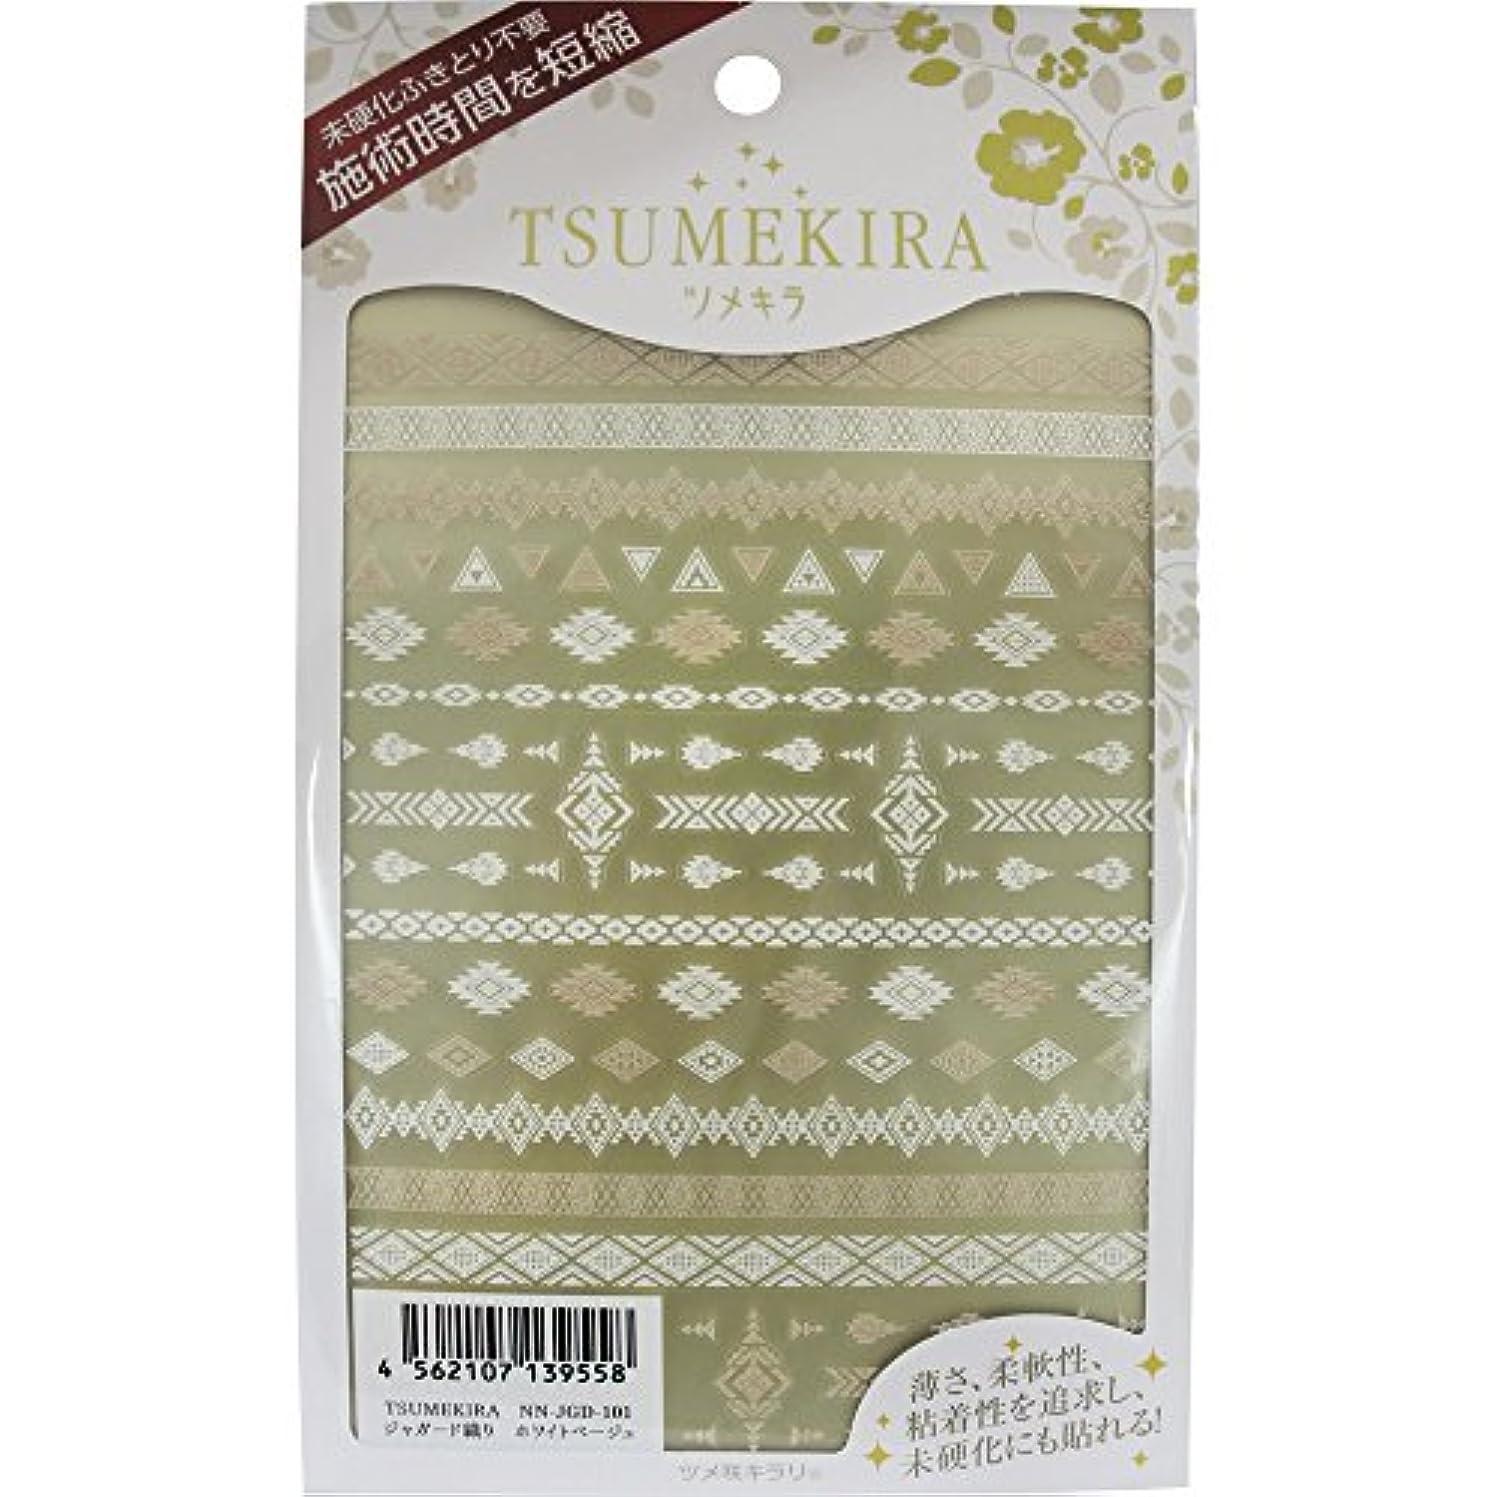 ギャラントリー偽装する横にツメキラ(TSUMEKIRA) ネイル用シール ジャガード織り ホワイトベージュ NN-JGD-101